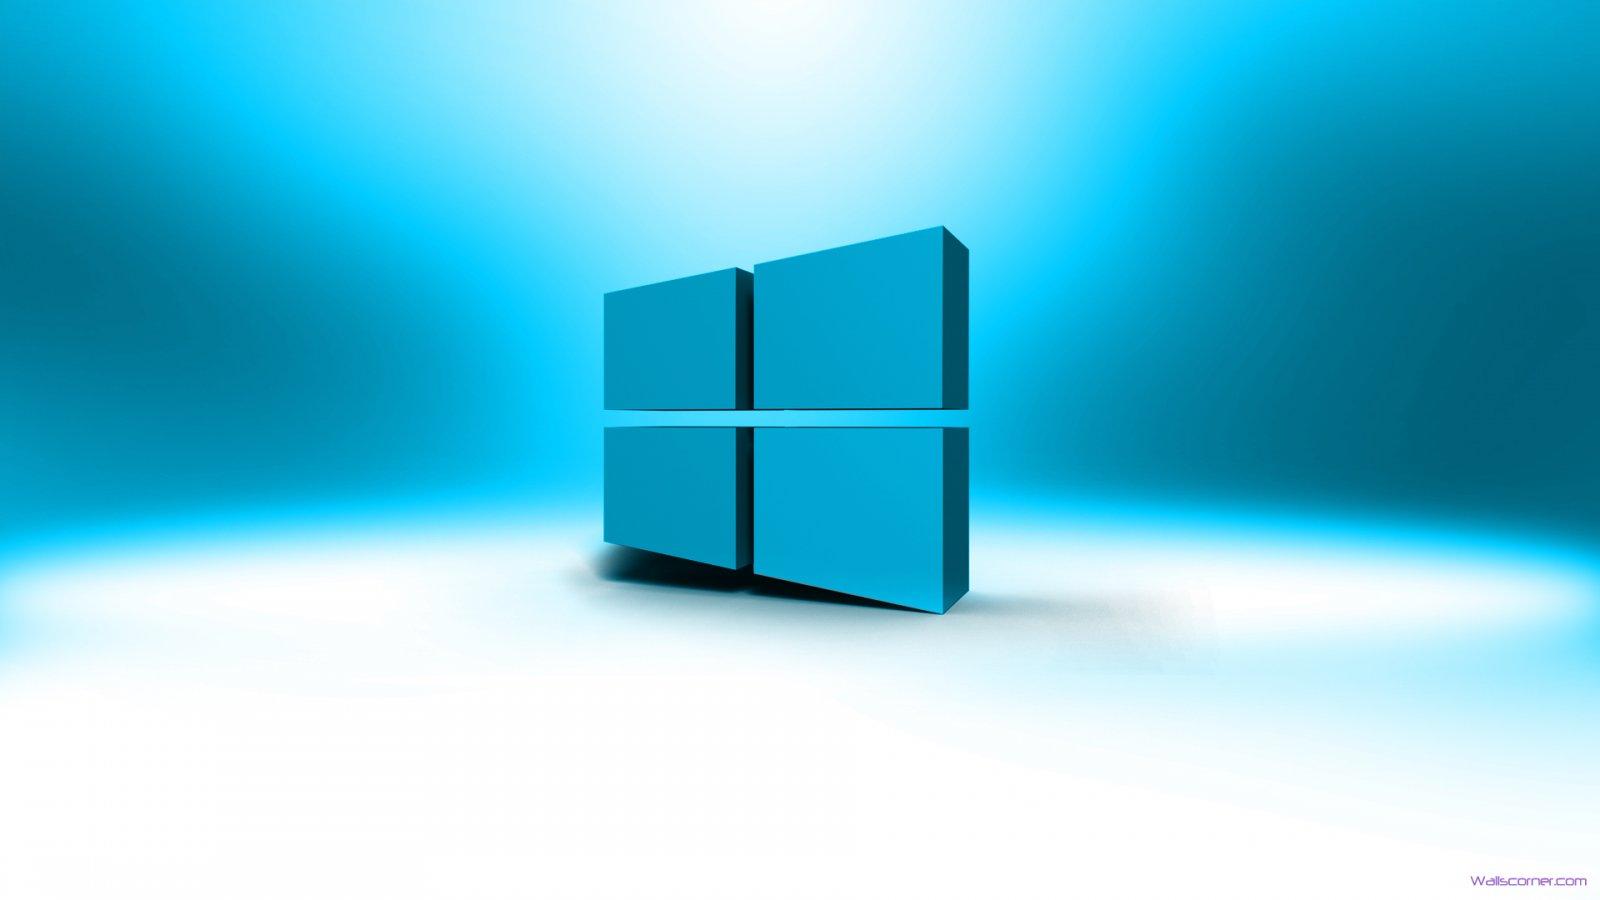 resolutions of windows 8 3d beauty windows 8 3d hd wallpaper wallpaper 1600x900